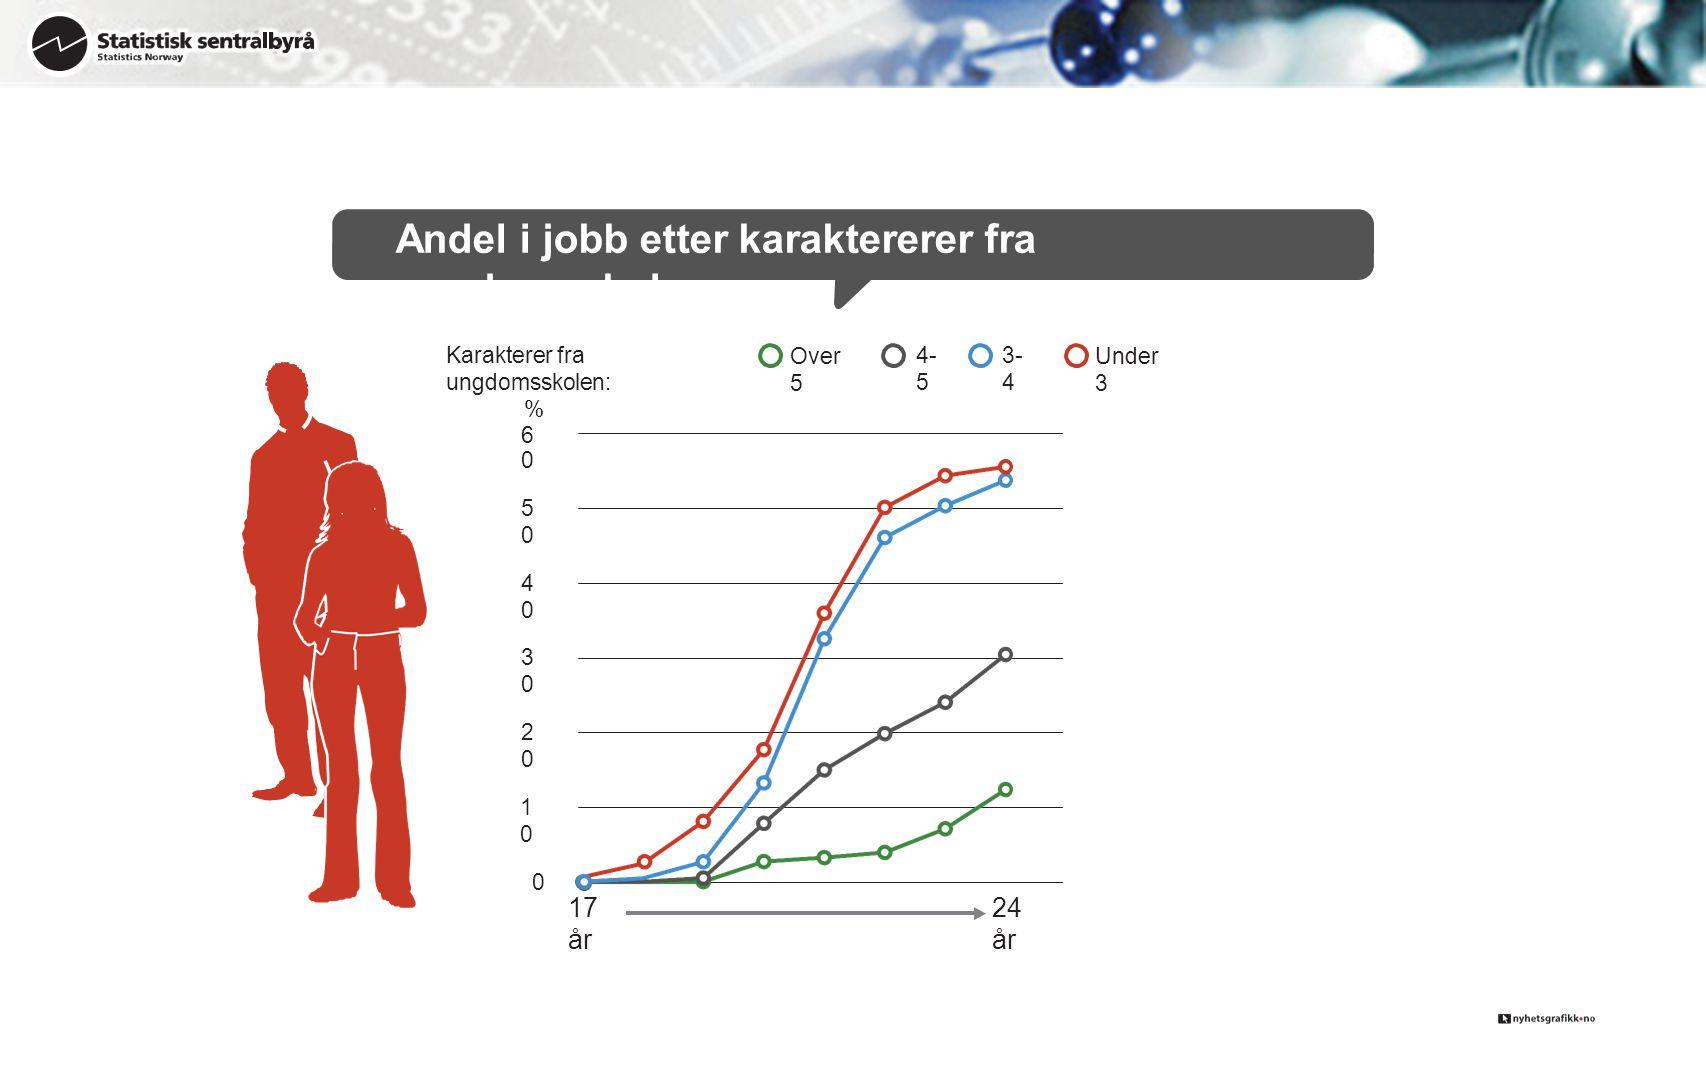 Andel i jobb etter karaktererer fra ungdomsskolen 0 1010 2020 3030 4040 5050 %60%60 24 år 17 år Karakterer fra ungdomsskolen: Over5Over5 4- 5 3- 4 Und